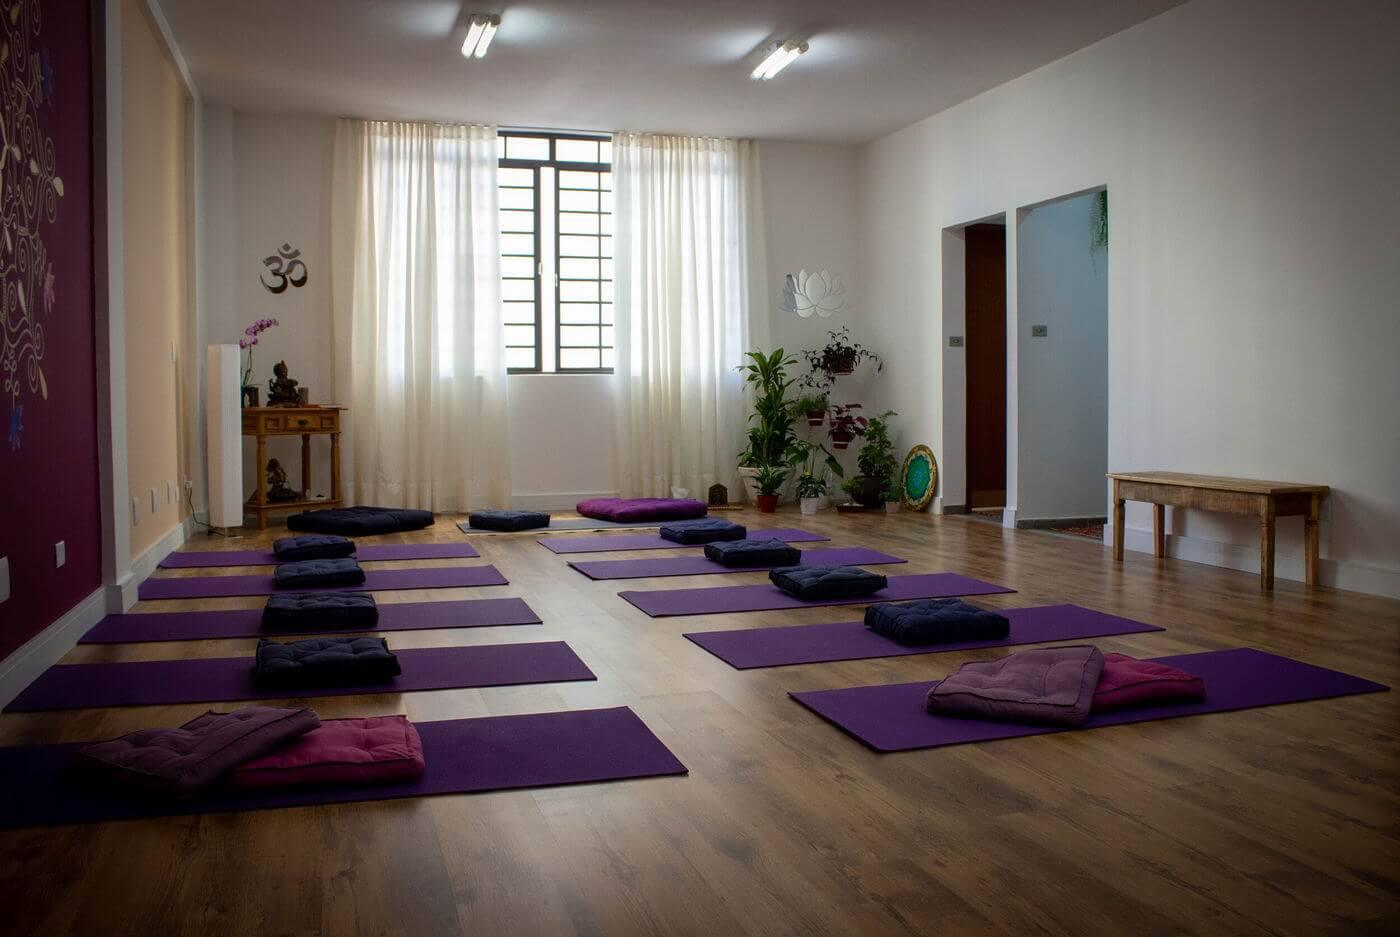 Yoga Flor Da Vida 4